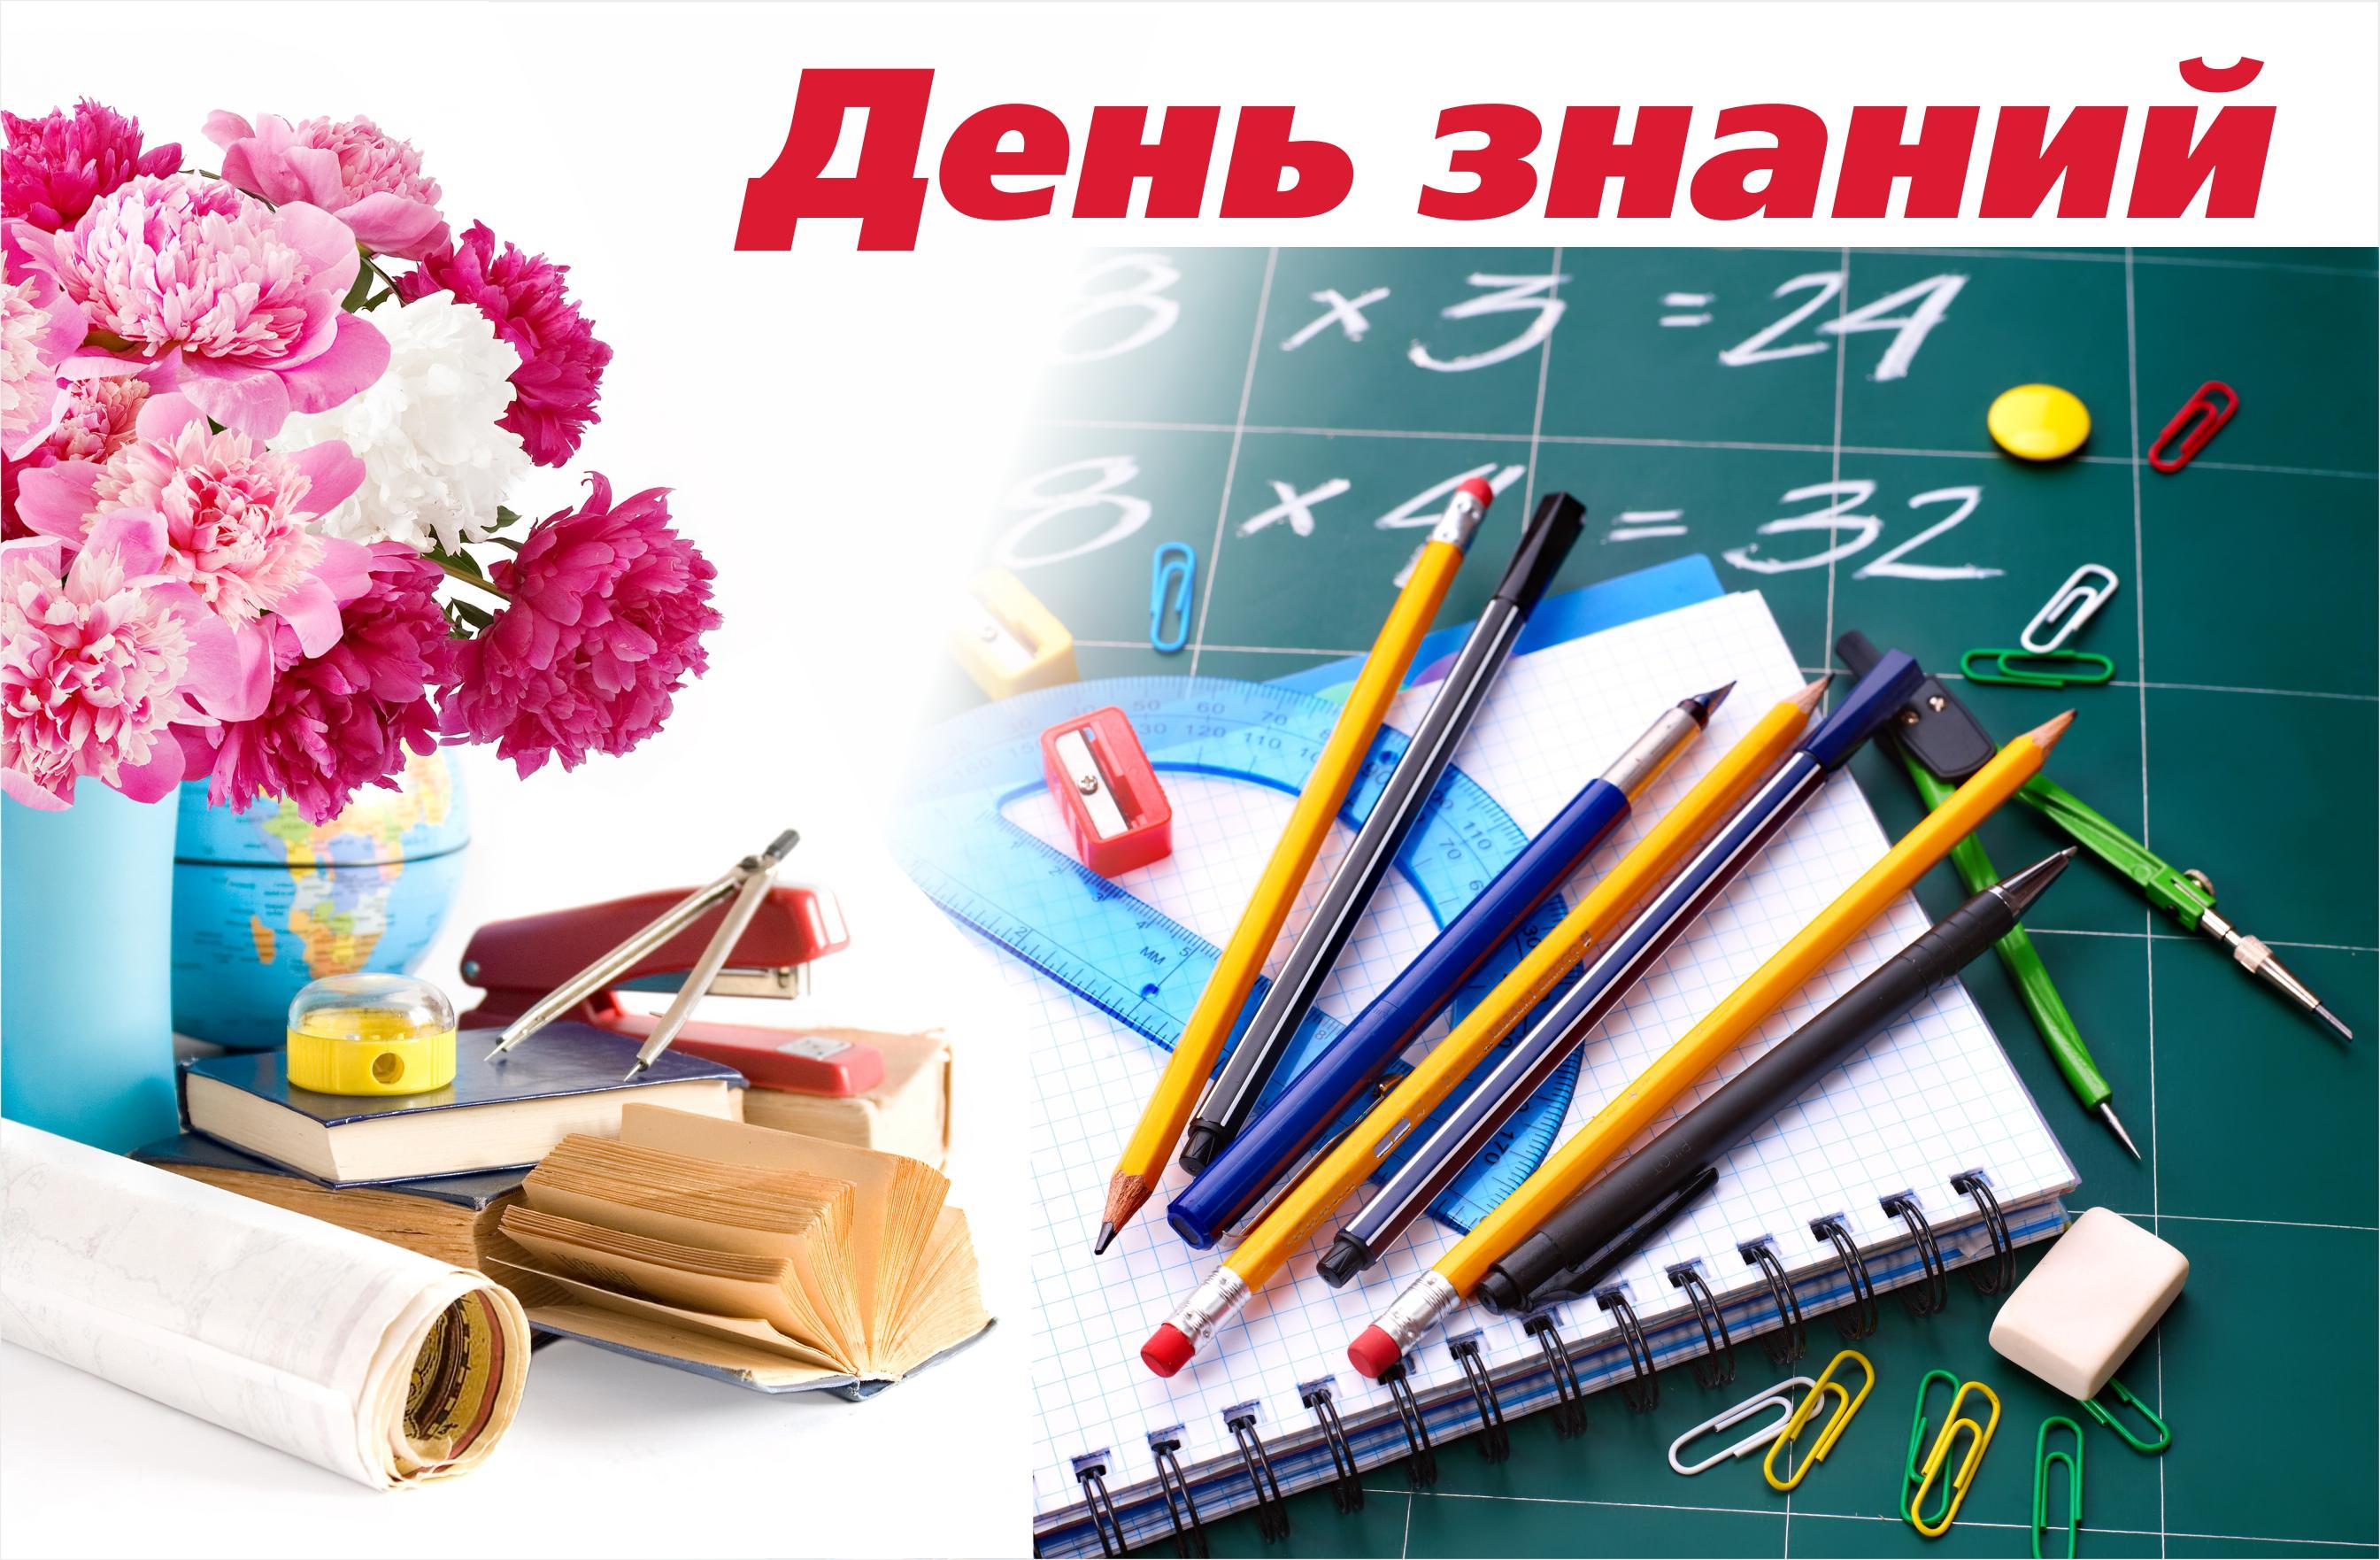 Открытки с поздравлениями день знаний, для открыток